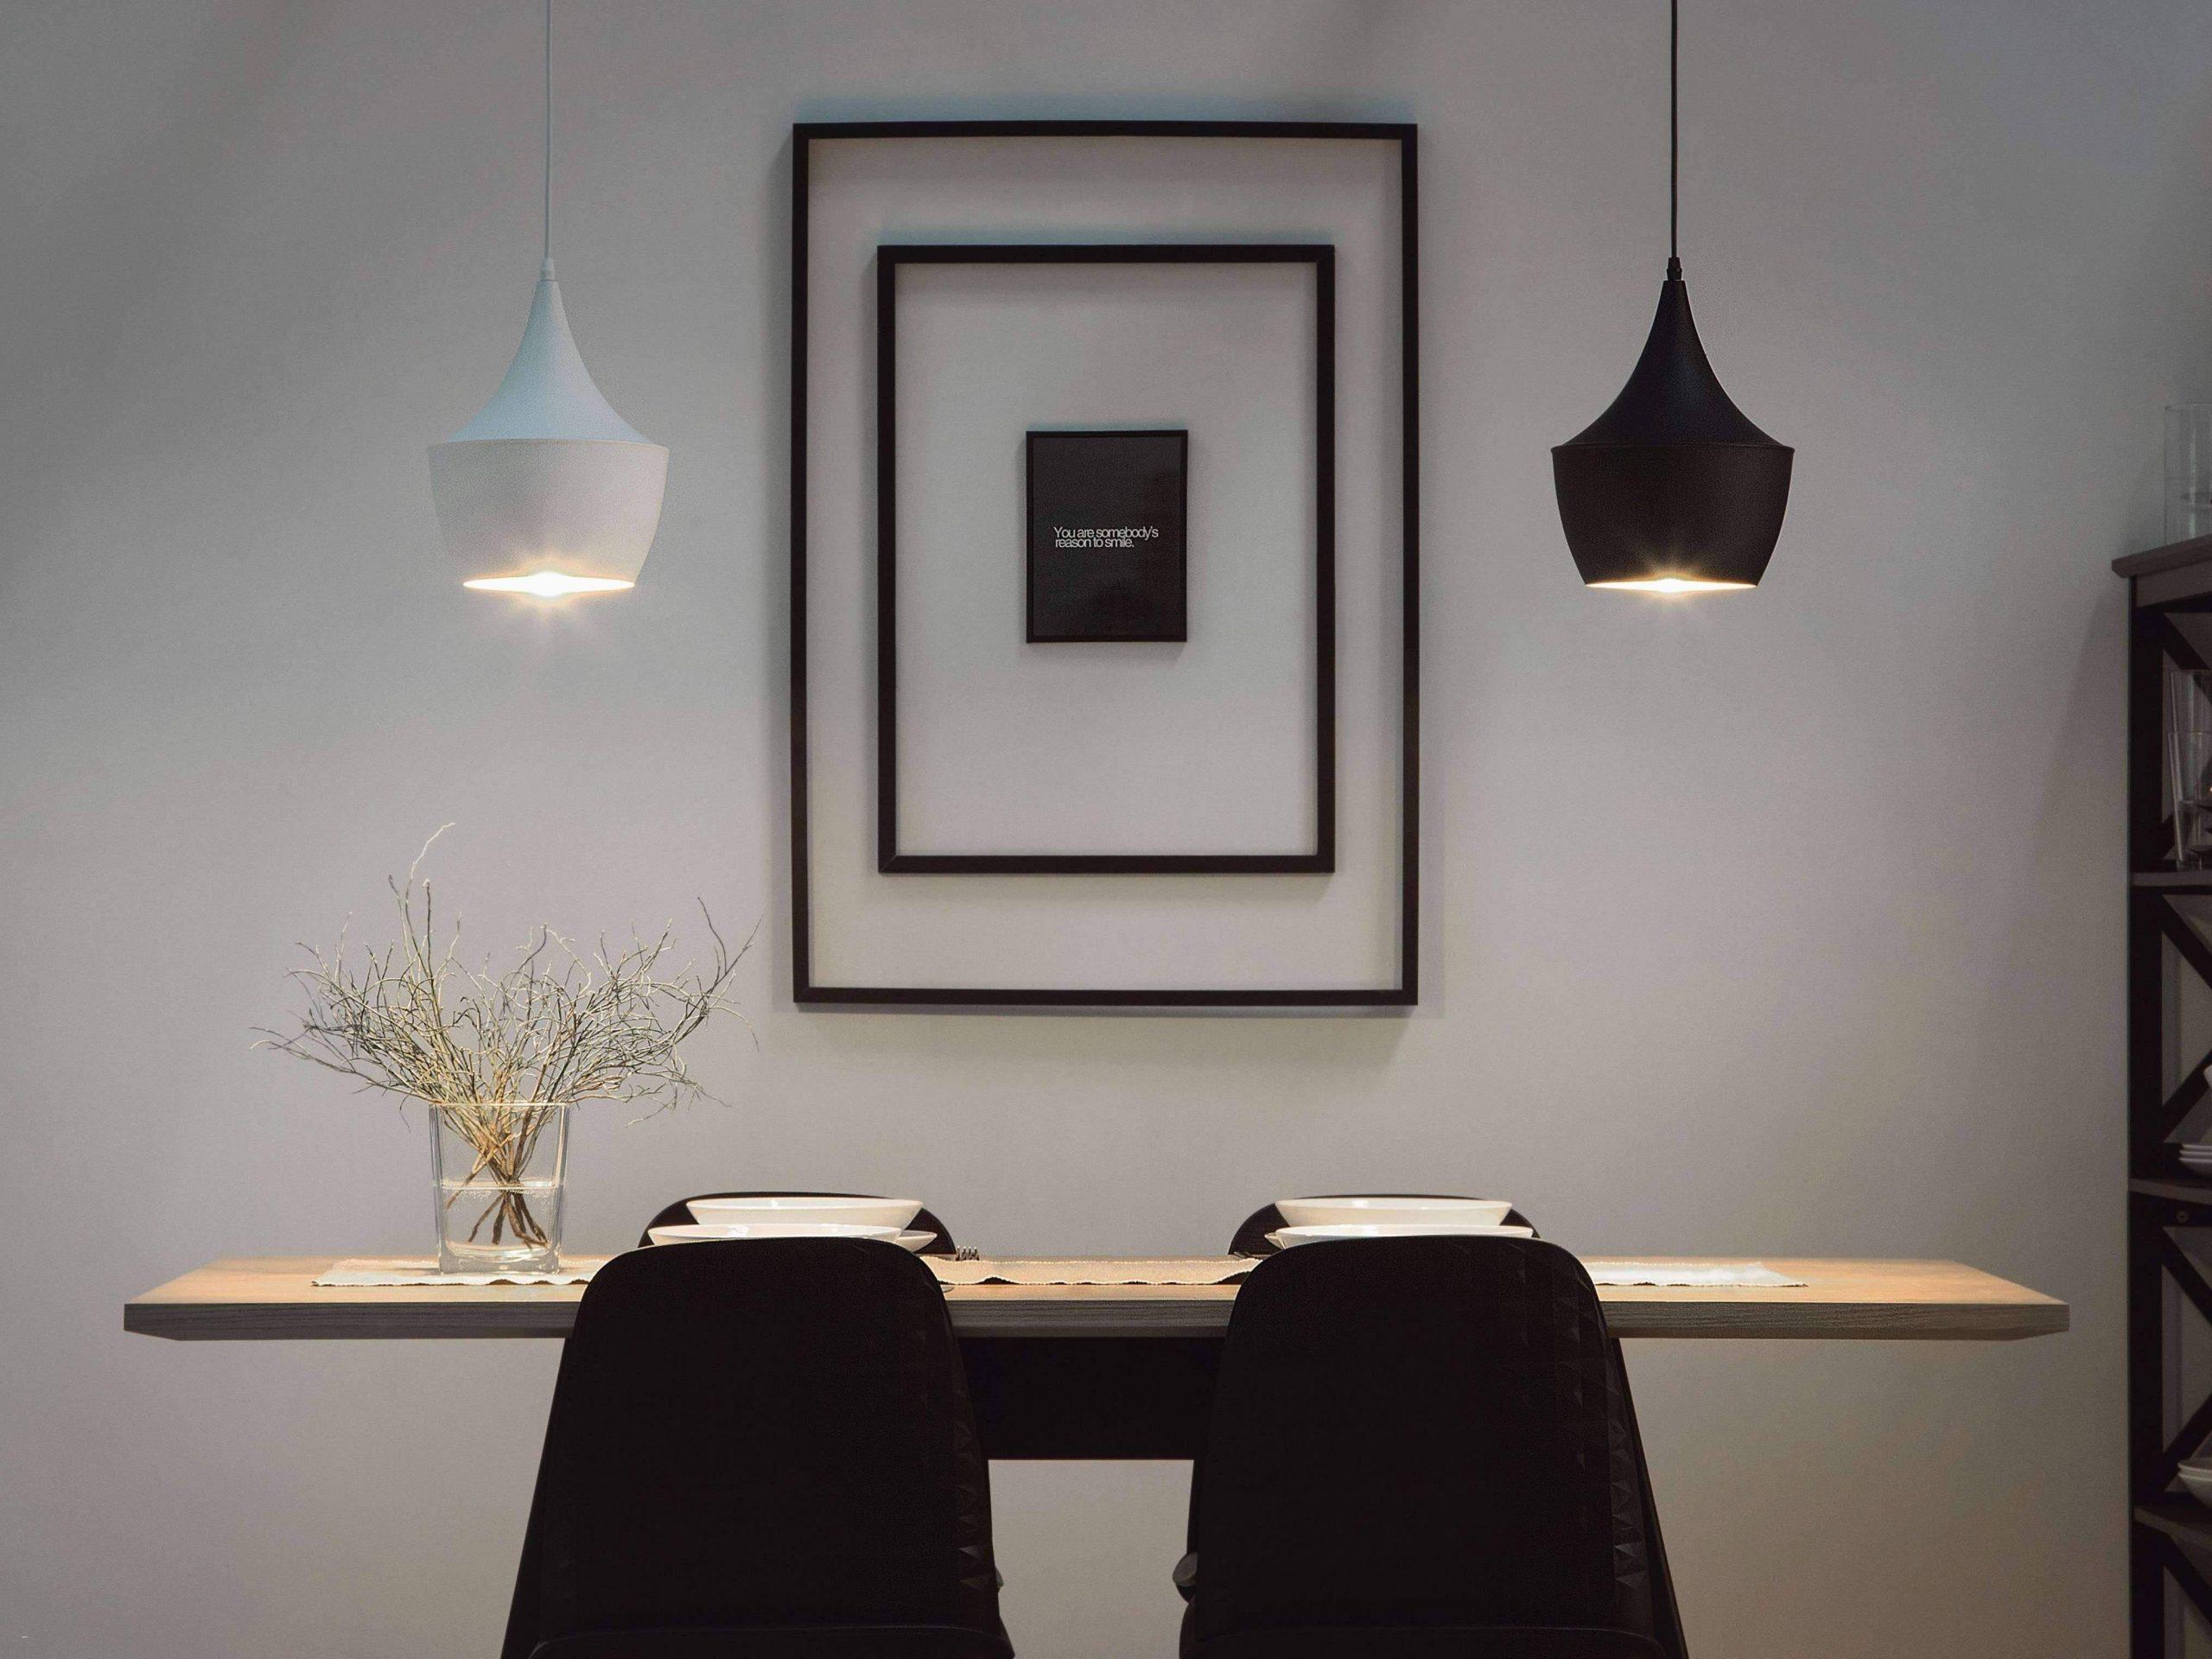 Full Size of Tischlampe Wohnzimmer Tiwohnzimmer Elegant Lampe Luxus Vorhang Landhausstil Vinylboden Sideboard Hängeschrank Moderne Bilder Fürs Fototapeten Schrankwand Wohnzimmer Tischlampe Wohnzimmer